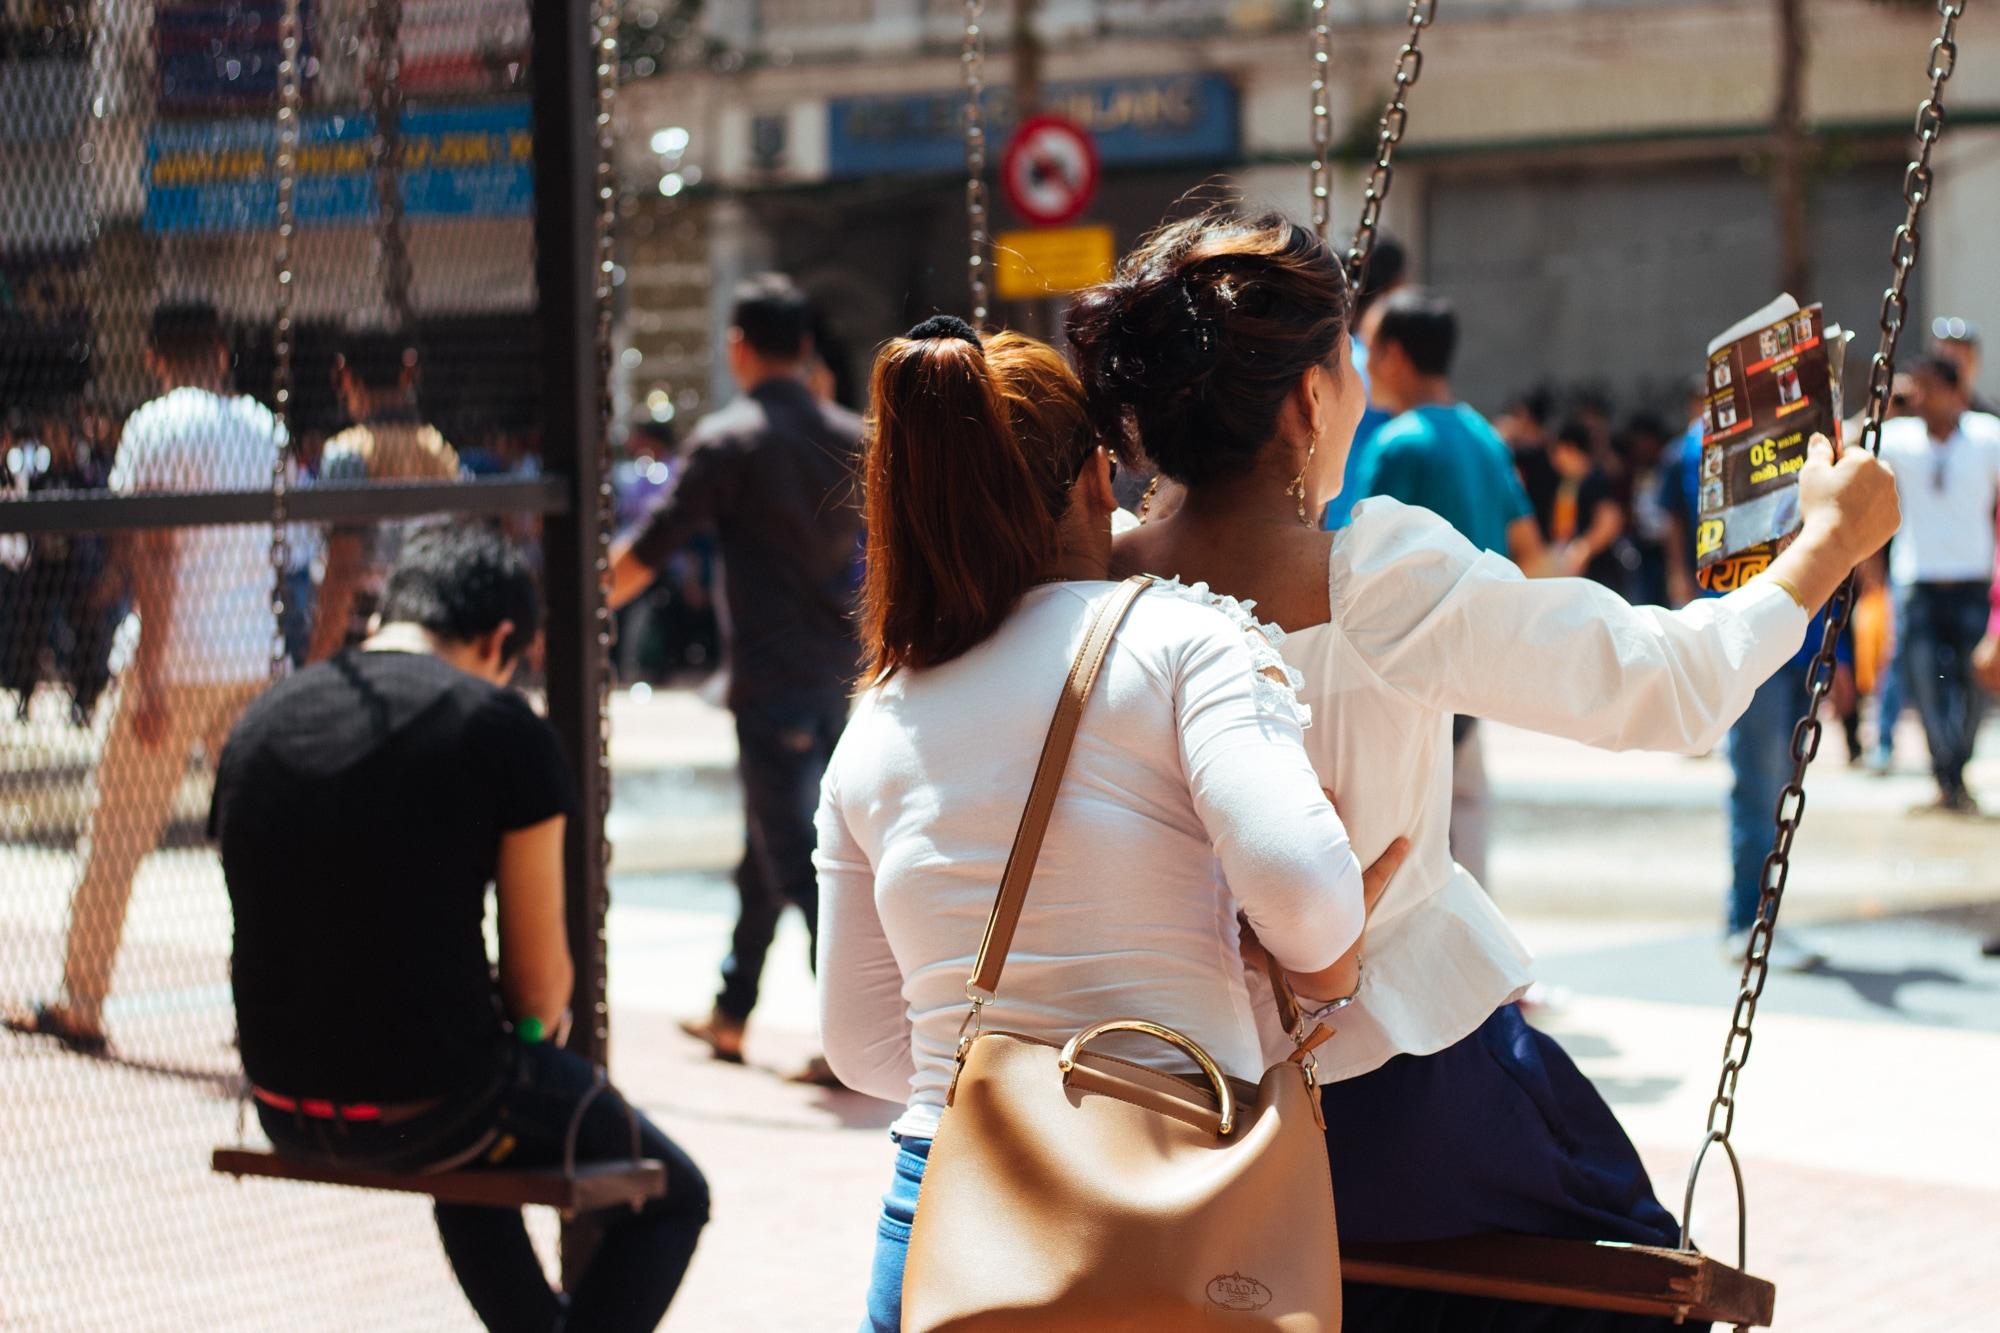 A woman helping her friend enjoy swing